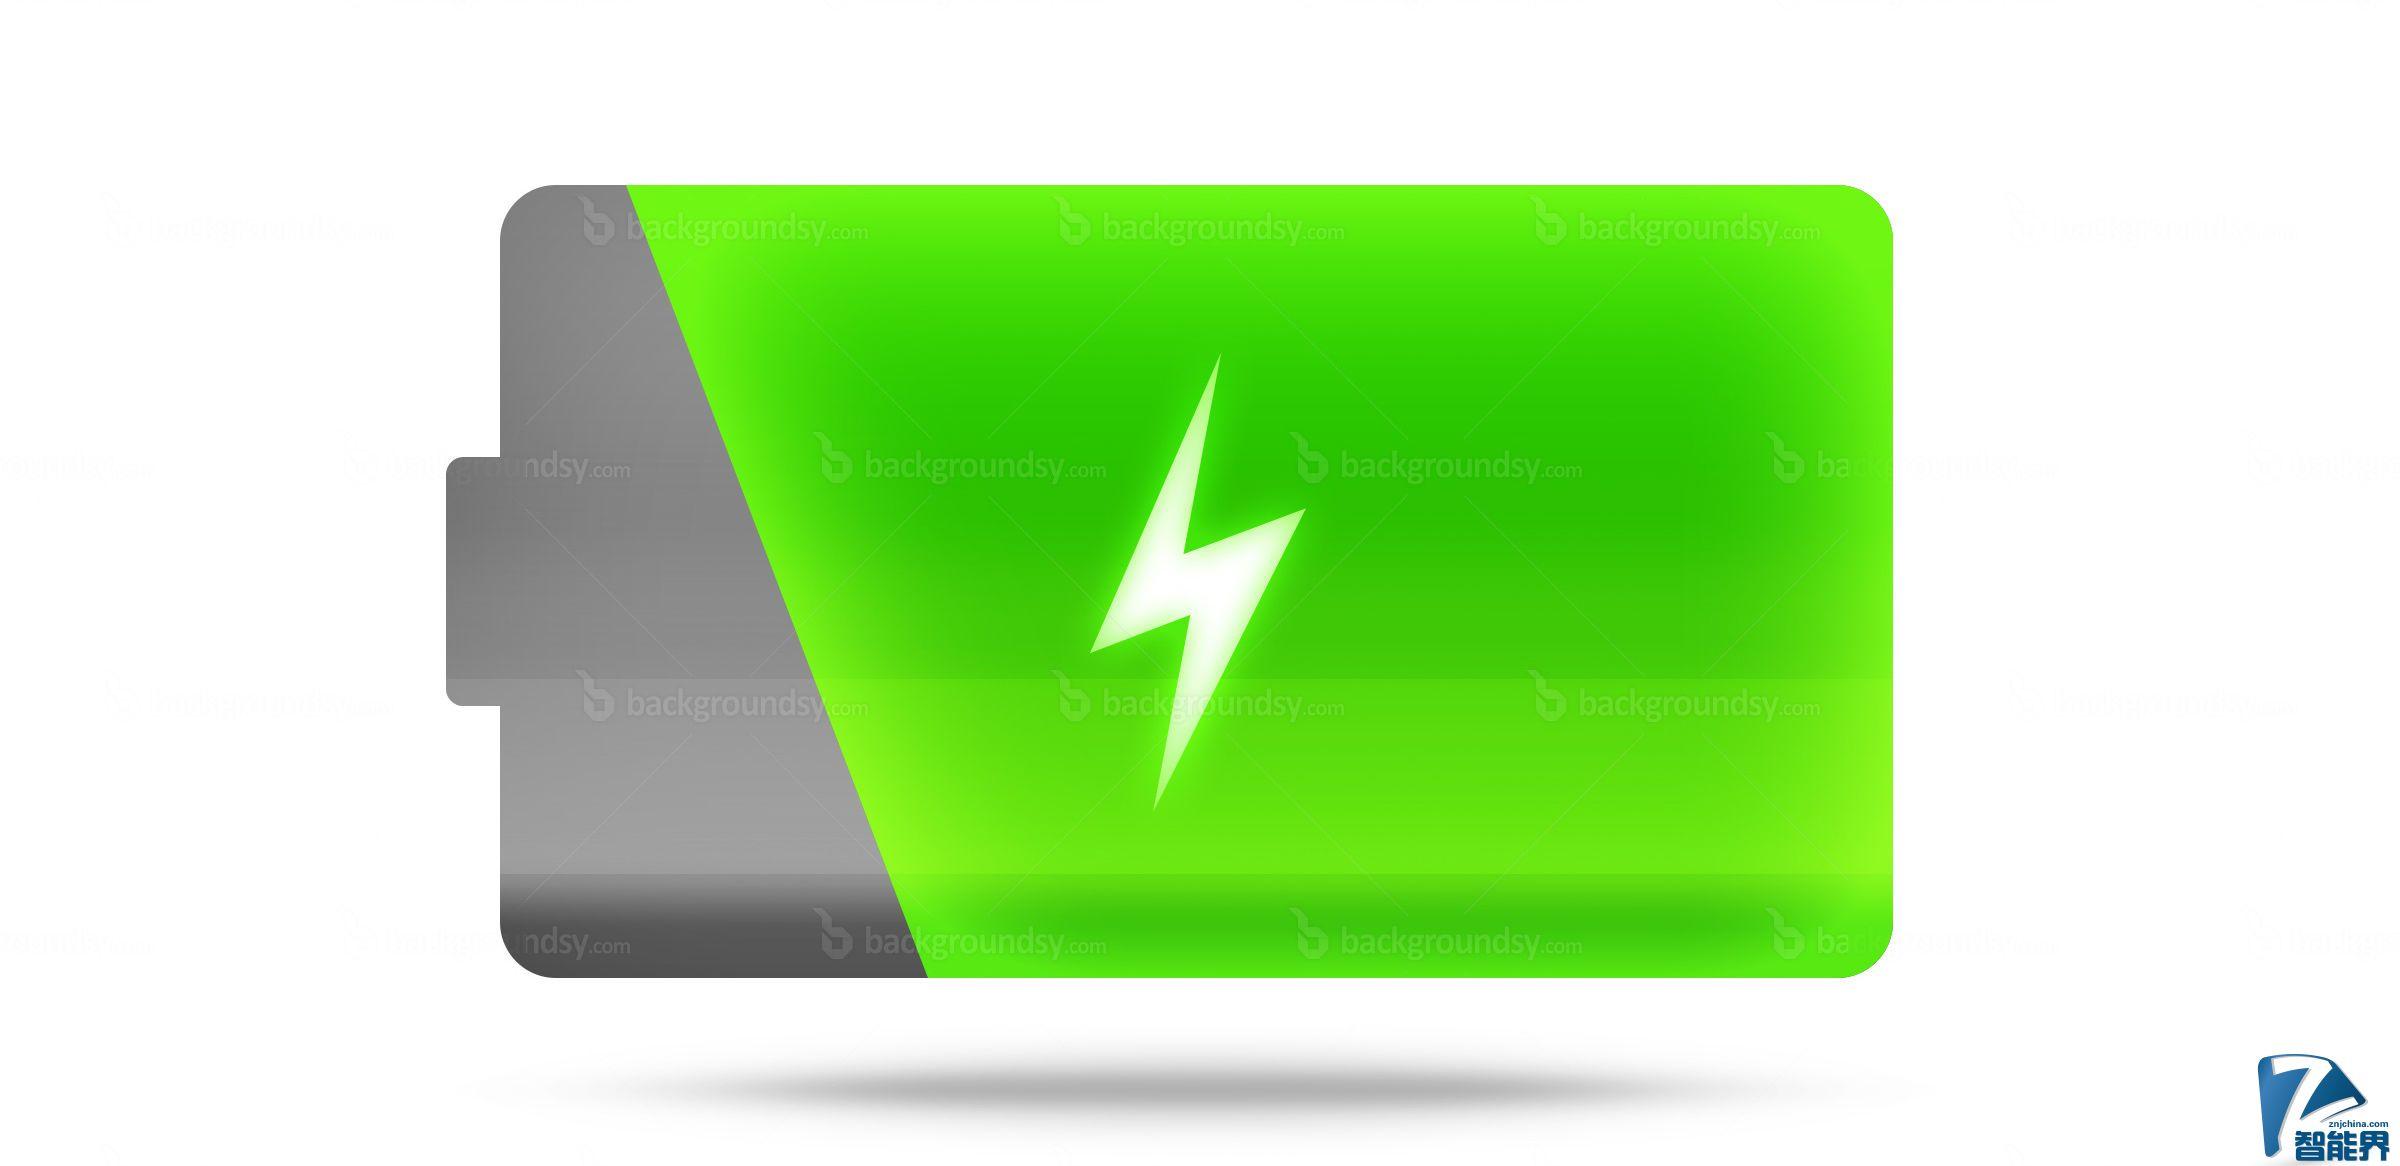 谷歌暗中开发电池新技术